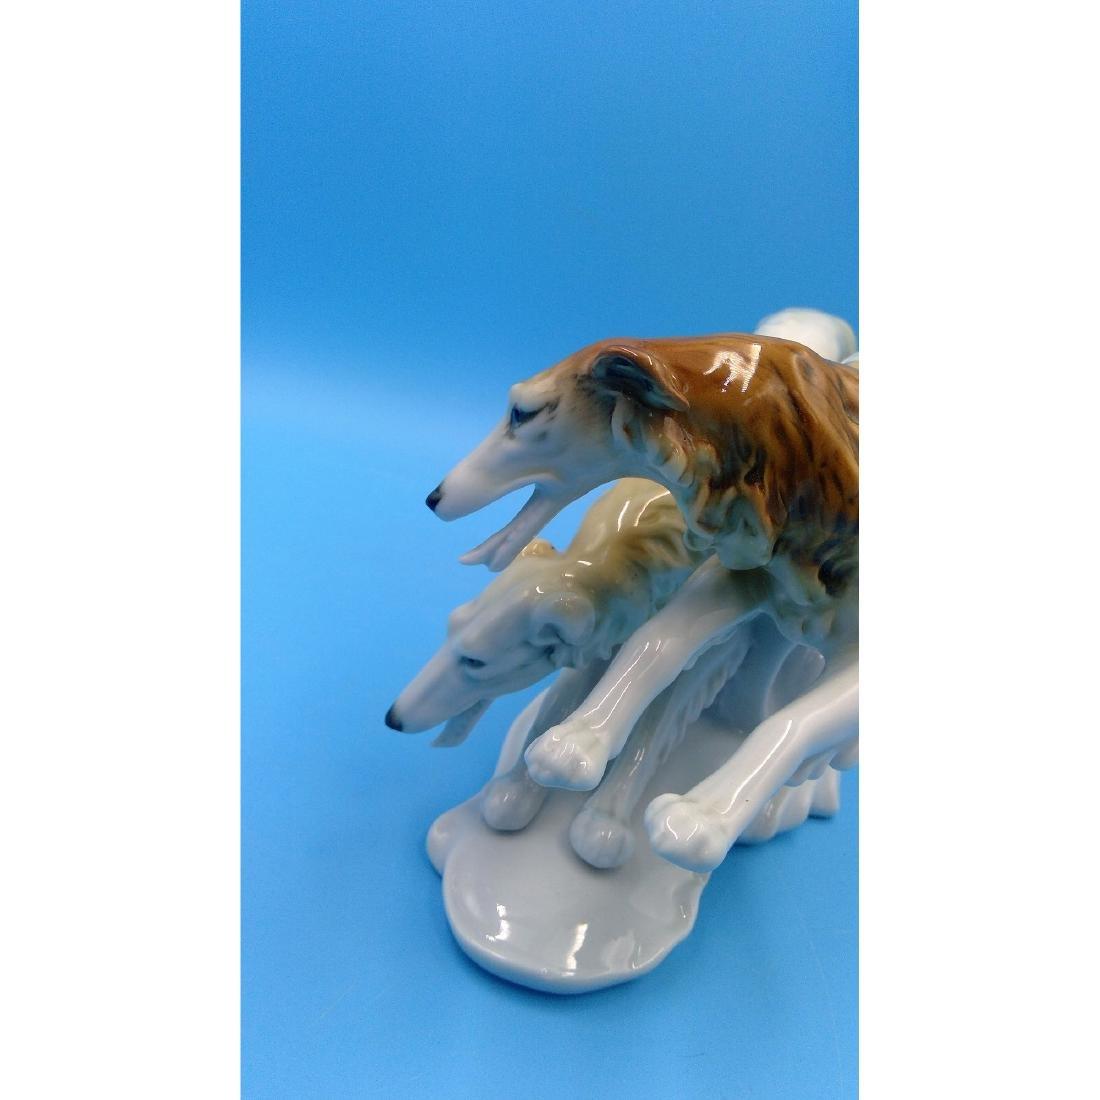 KARL ENS LARGE GERMAN PORCELAIN FIGURINE DOGS - 5